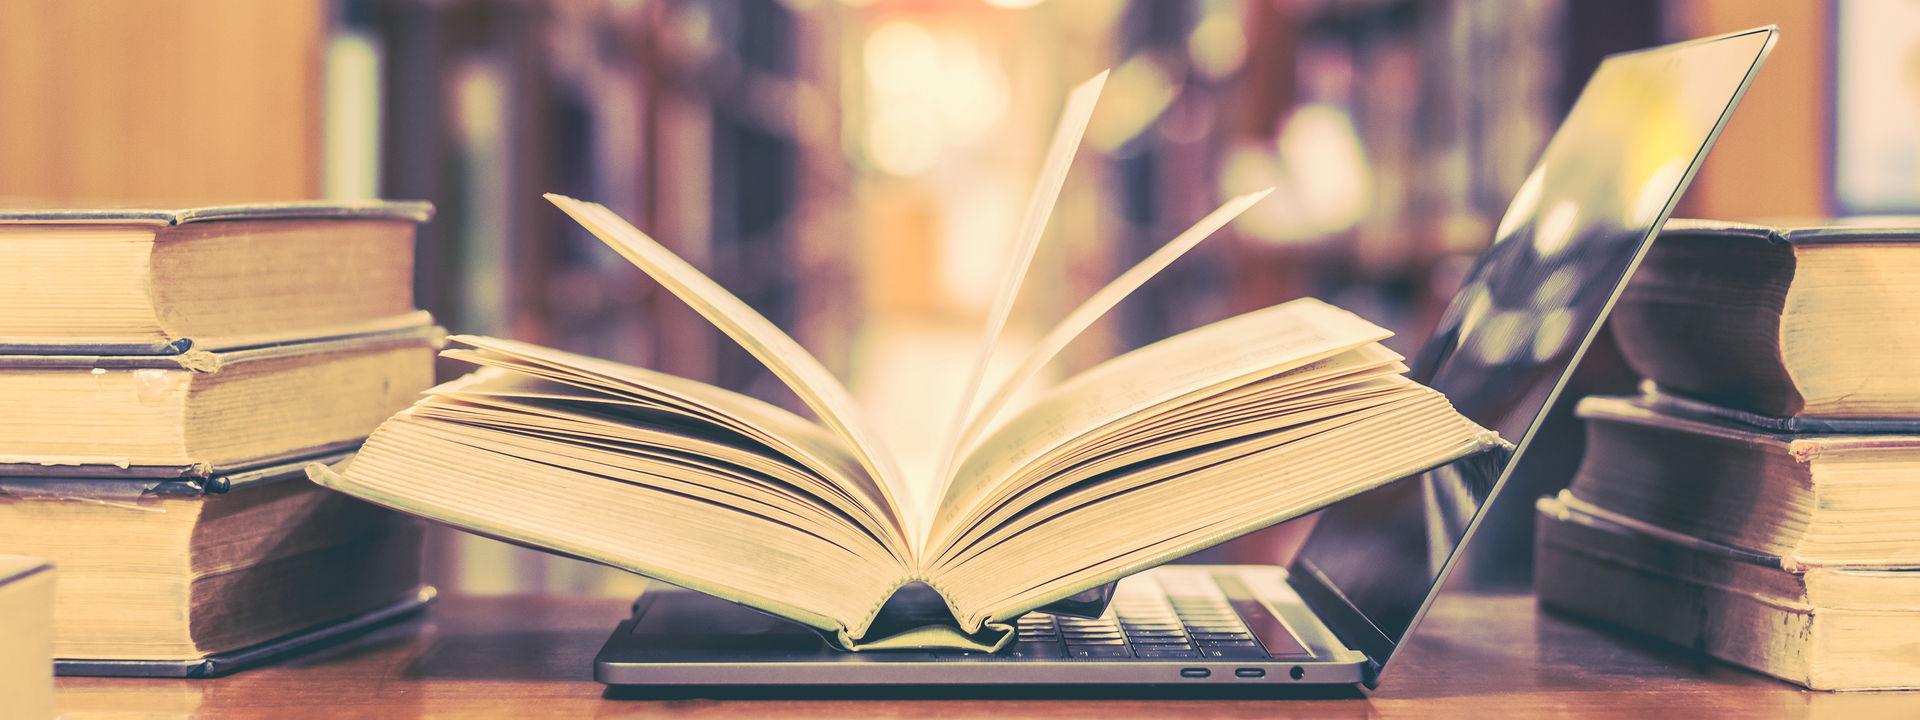 Kitap okuma amaçları - Kitap okumanın çeşitli amaçları vardır.